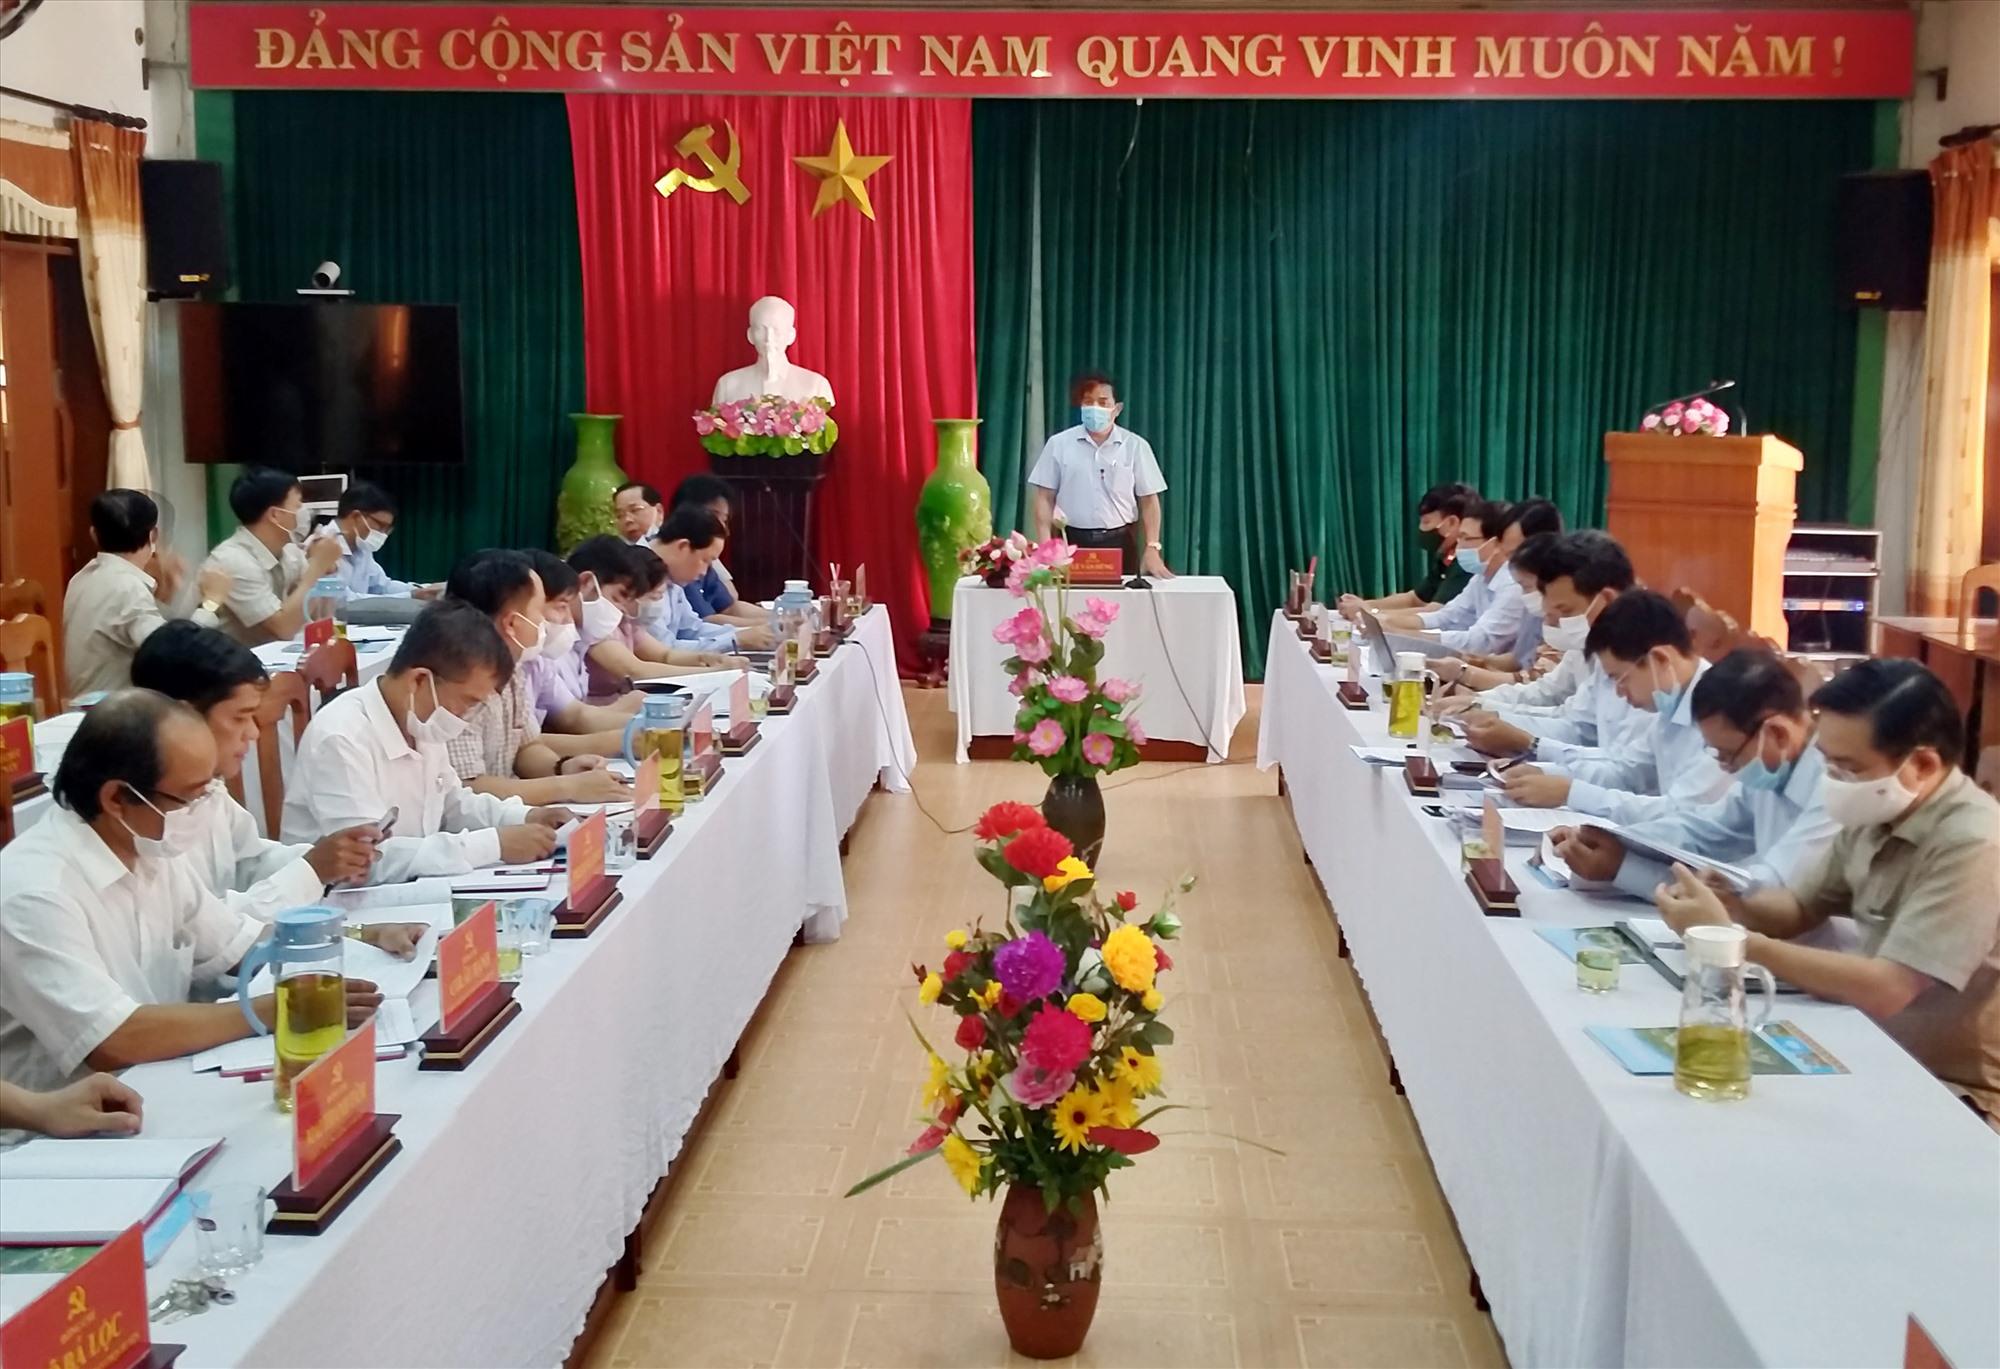 Phó Bí thư Thường trực Tỉnh ủy chủ trì cuộc làm việc với Ban Thường vụ Huyện ủy Tây Giang chiều 9.7. Ảnh: N.Đ